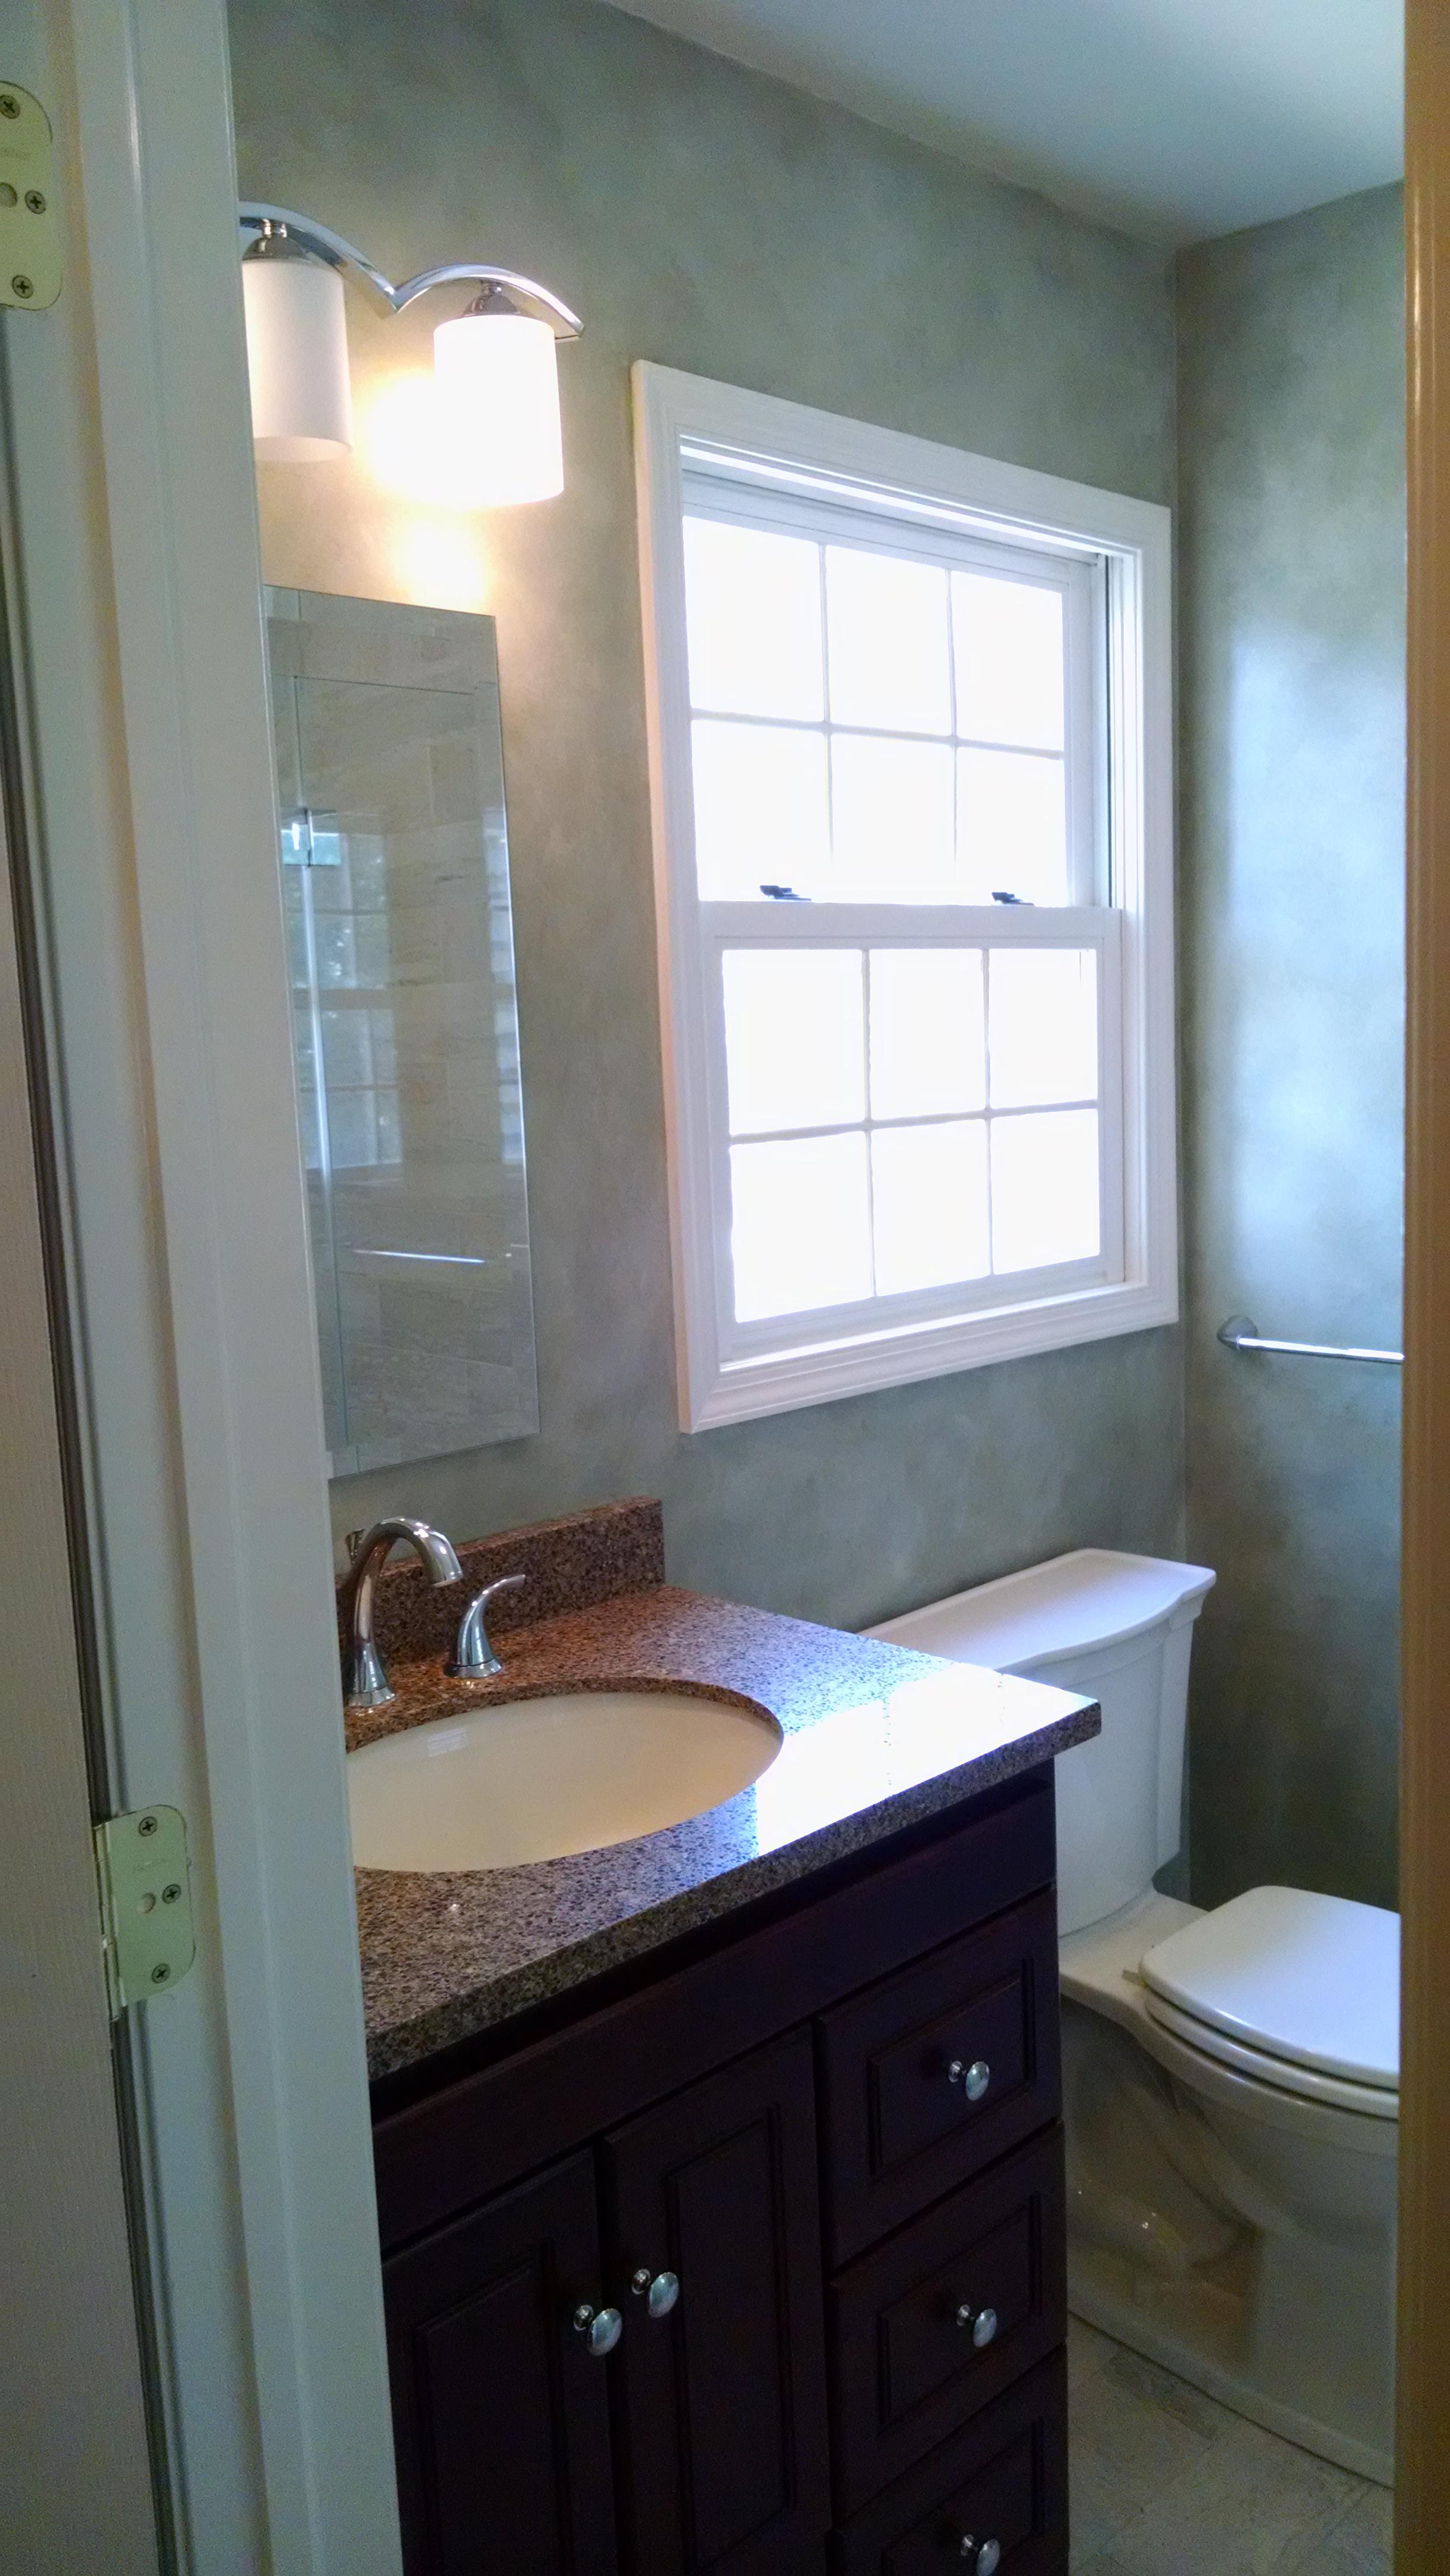 Bathroom Remodel Westfield NjBathroom Remodeling Nj Double Sink - Bathroom remodel westfield nj